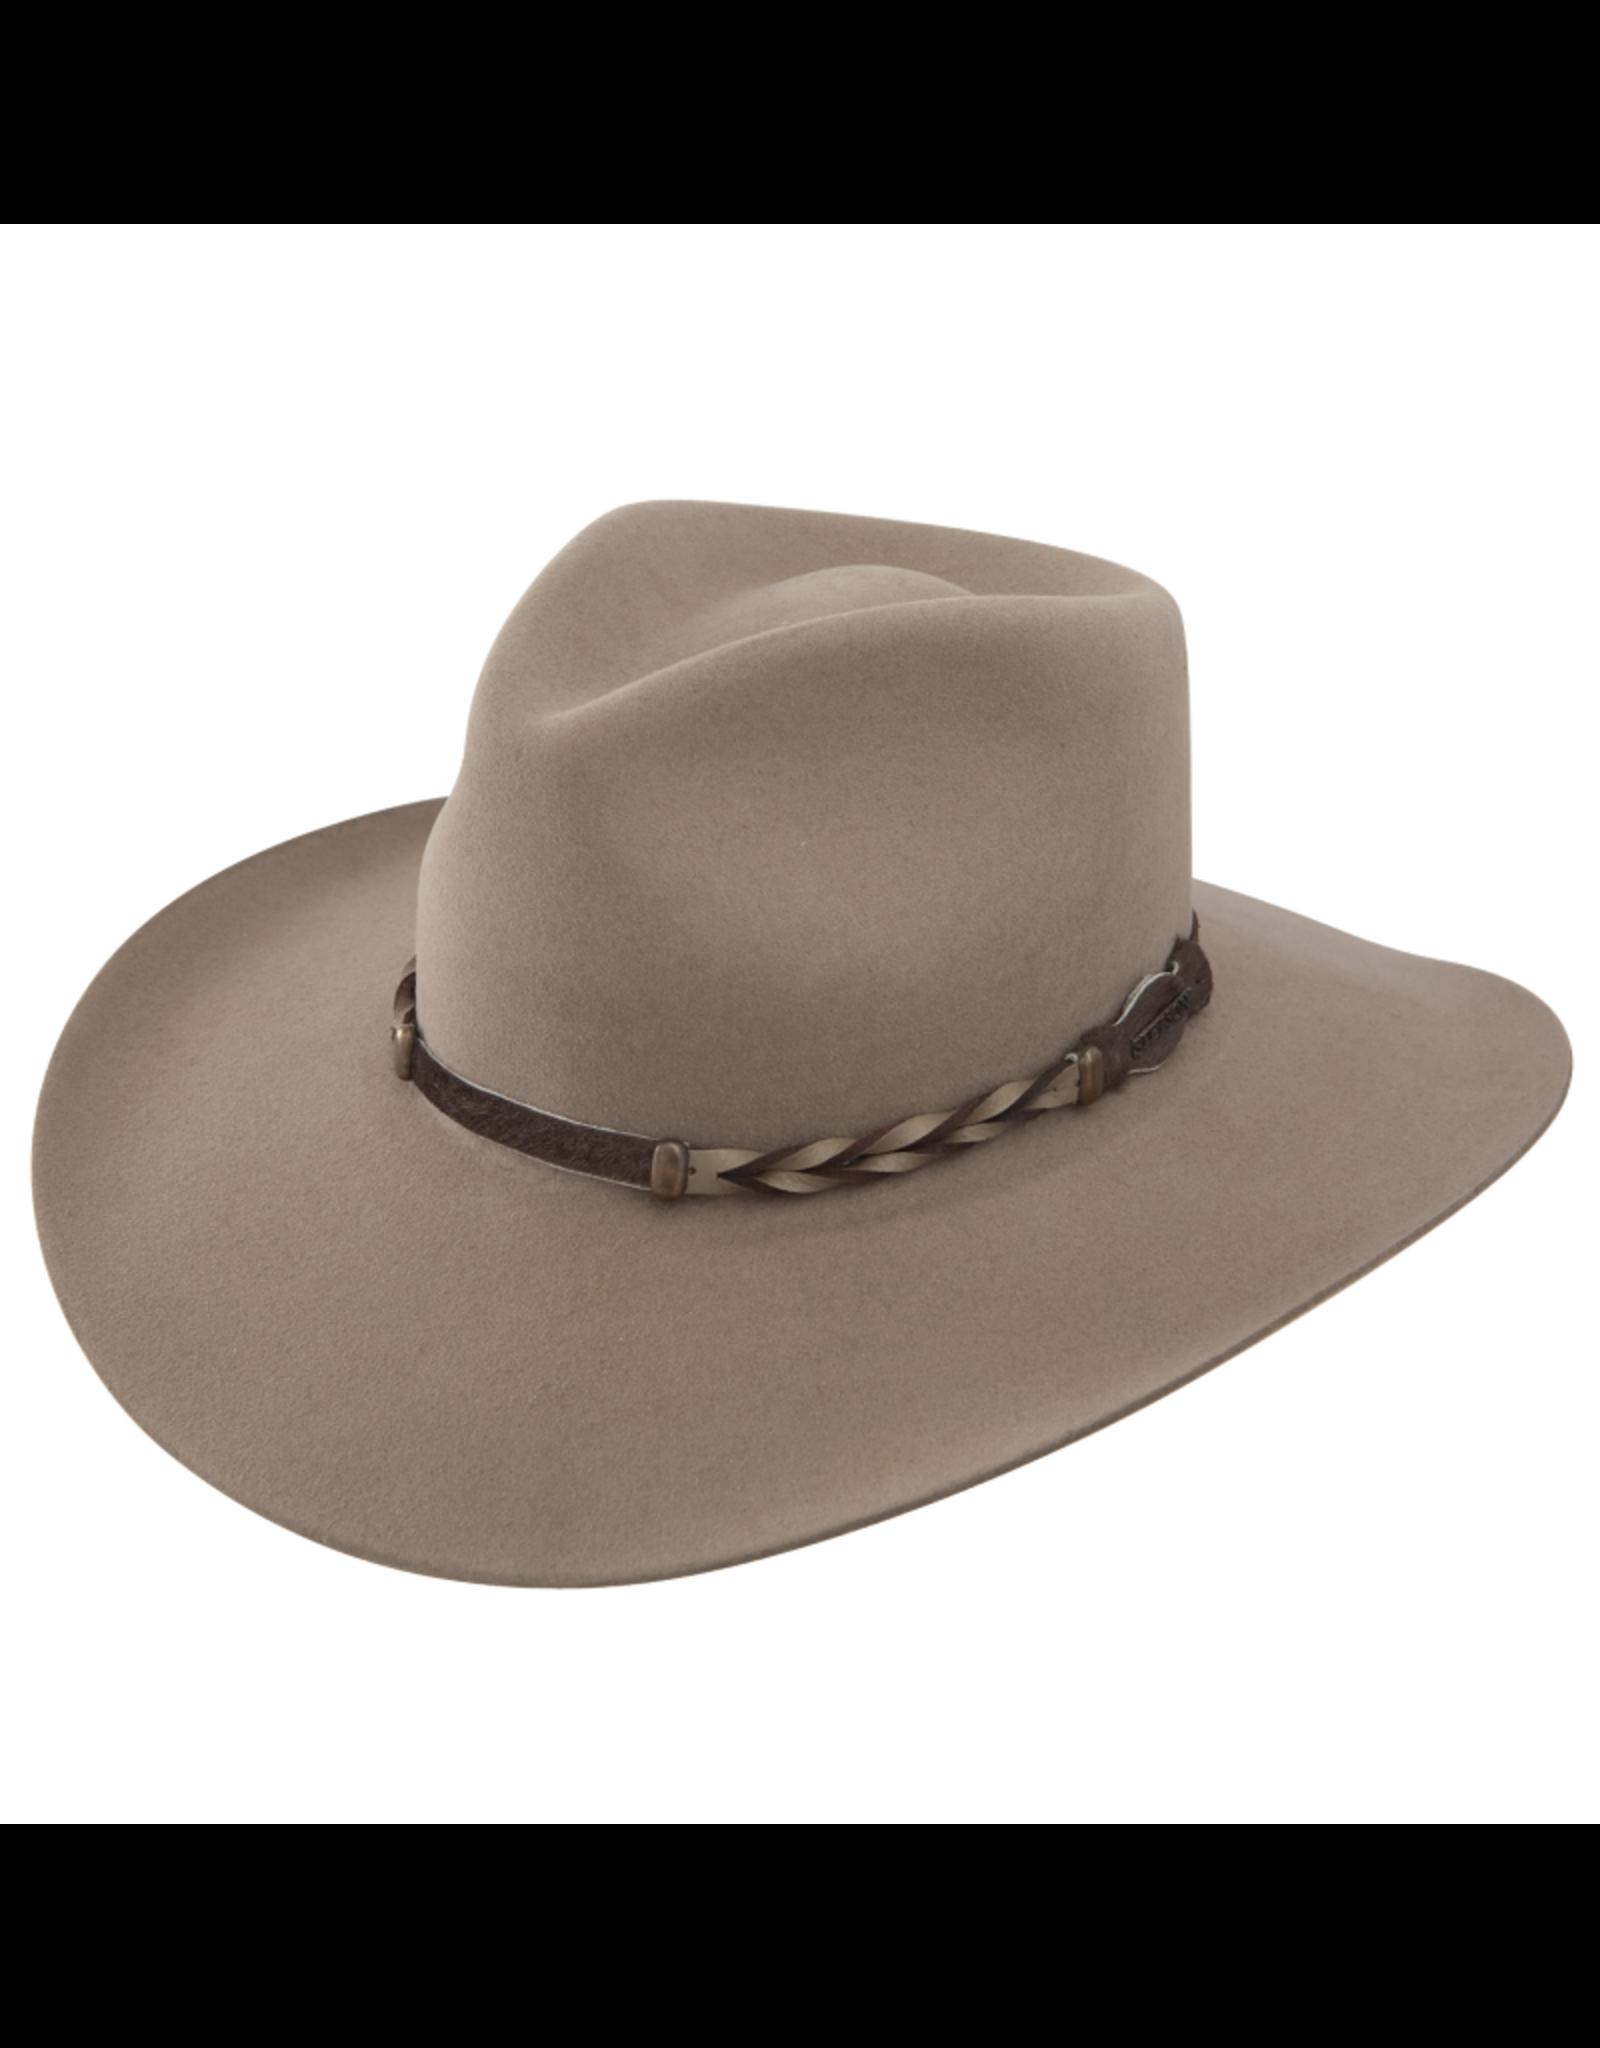 Stetson Hats Stetson Drifter Buffalo 4X Hat